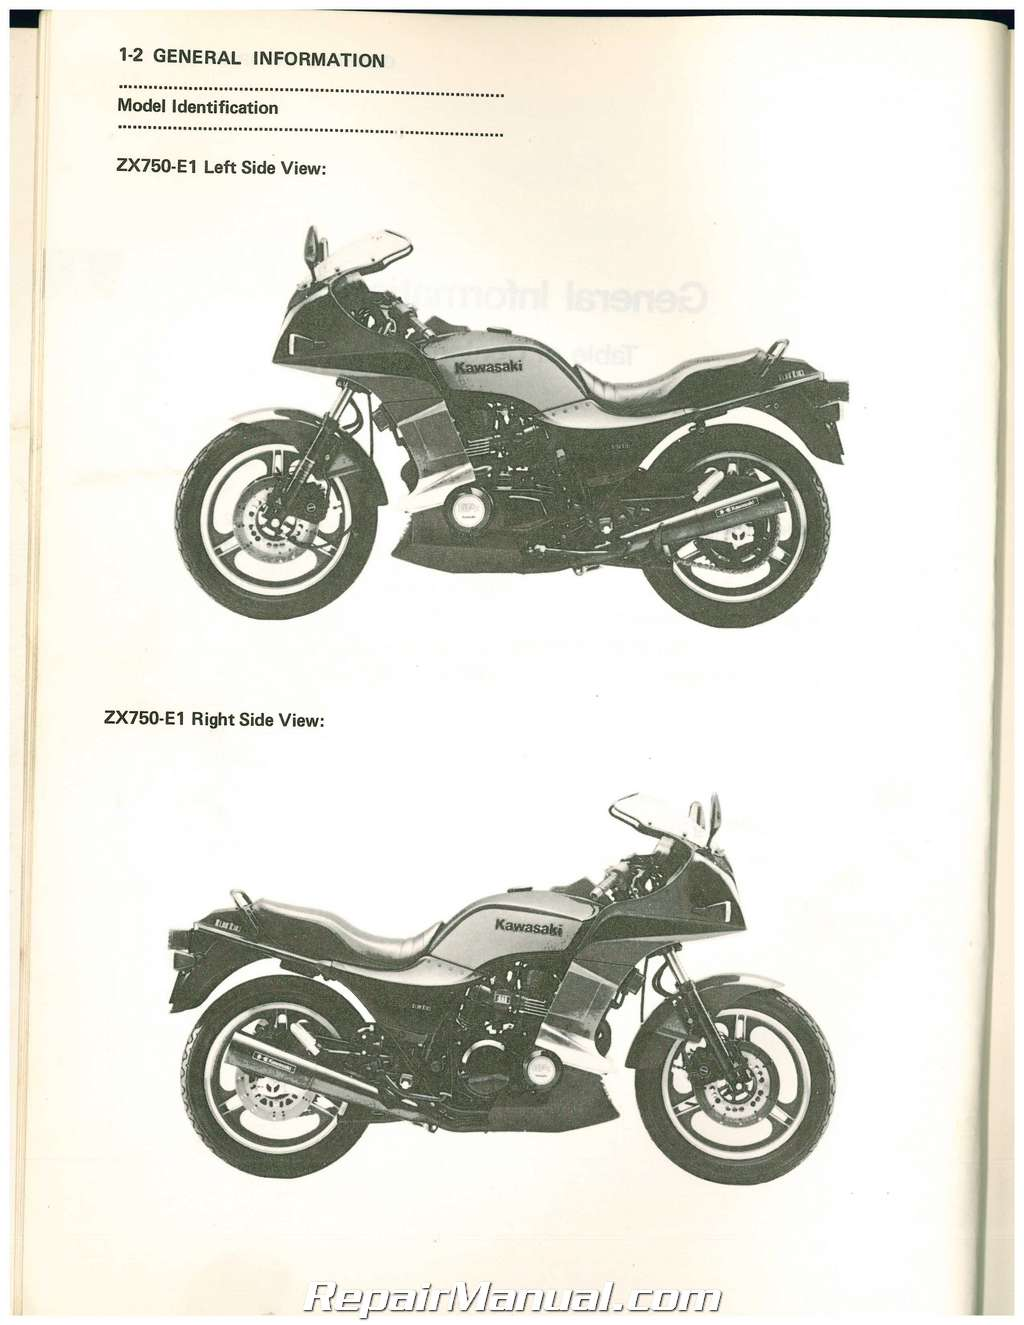 1984 1985 Kawasaki Zx750e1 Turbo E Motorcycle Service Manual Zx750 E1 Wiring Diagram